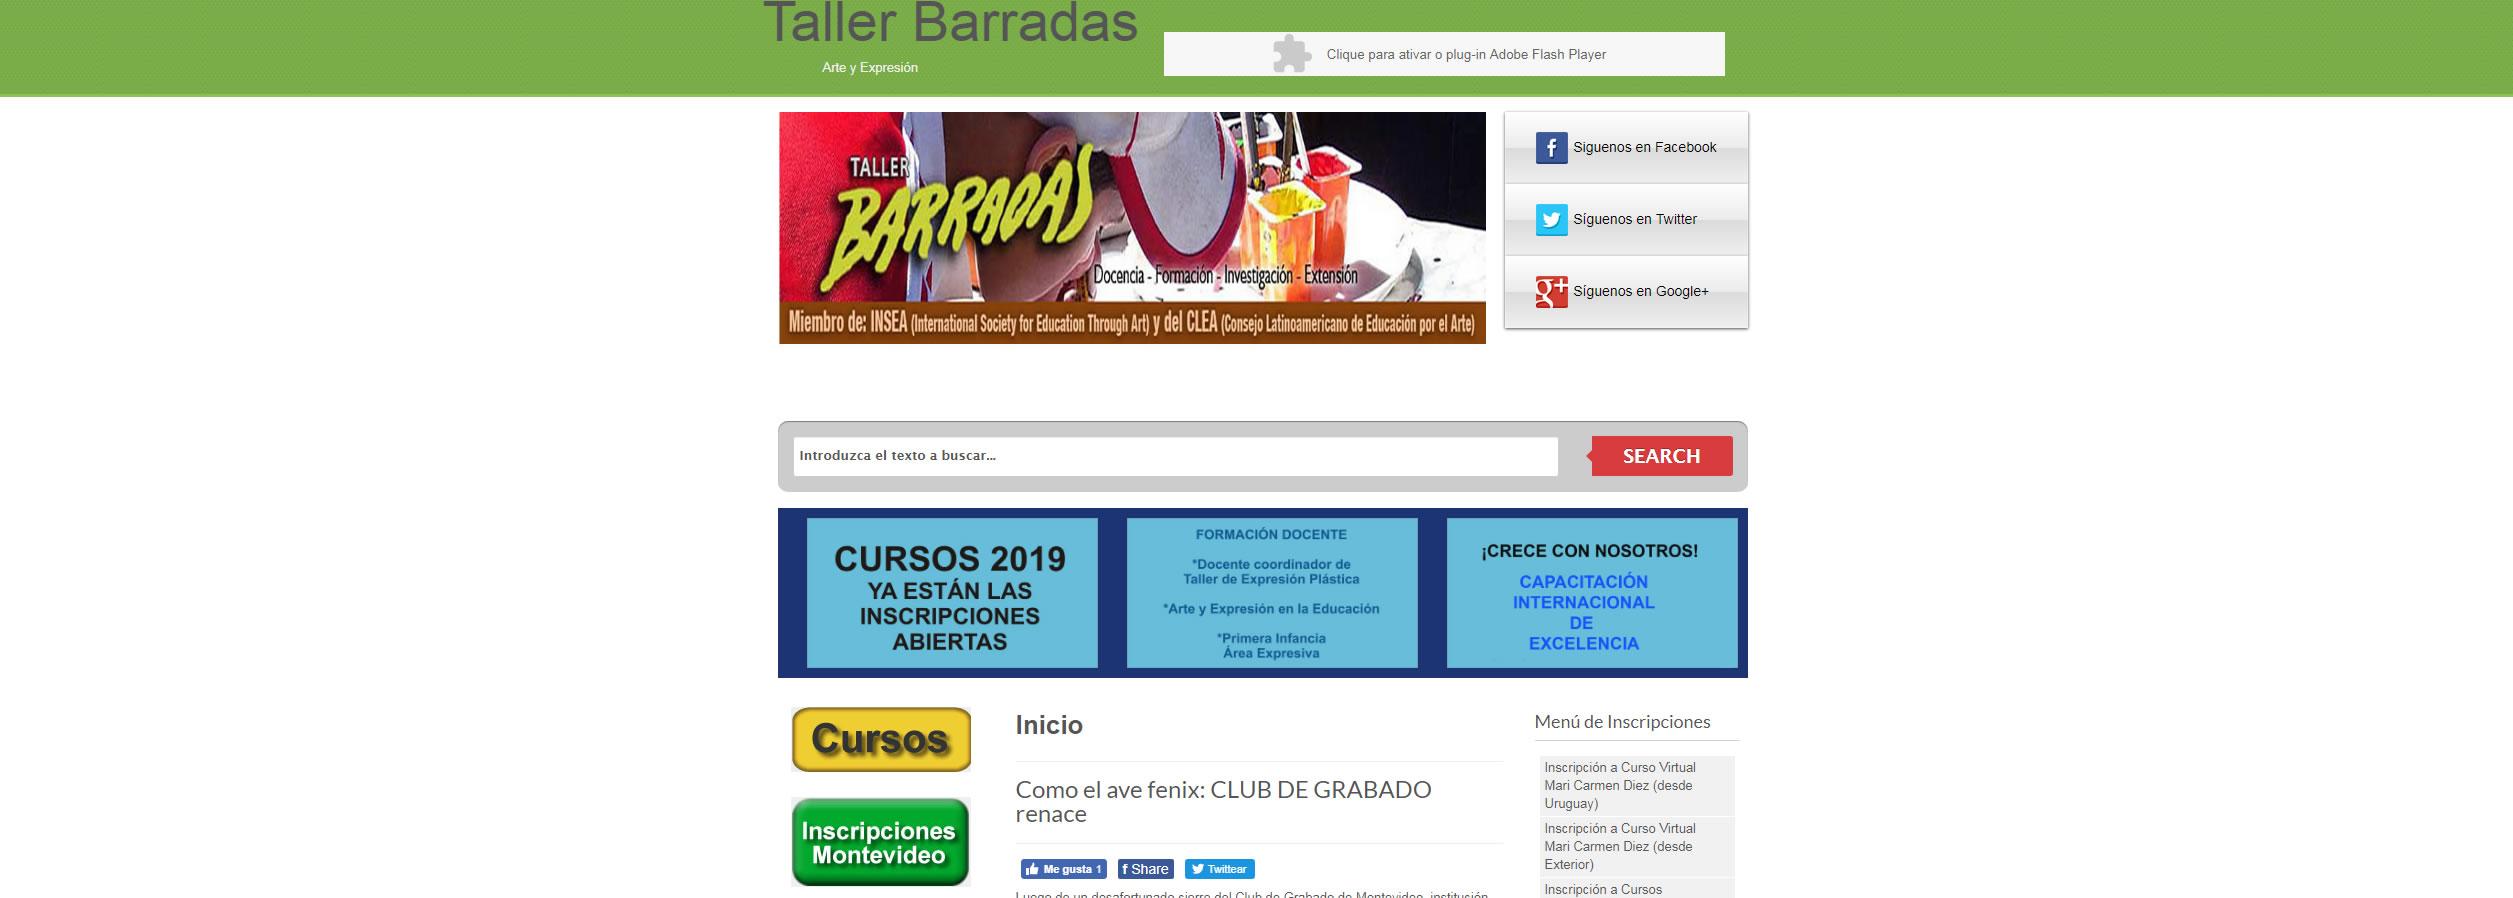 taller_barradas_galeria_de_gravura